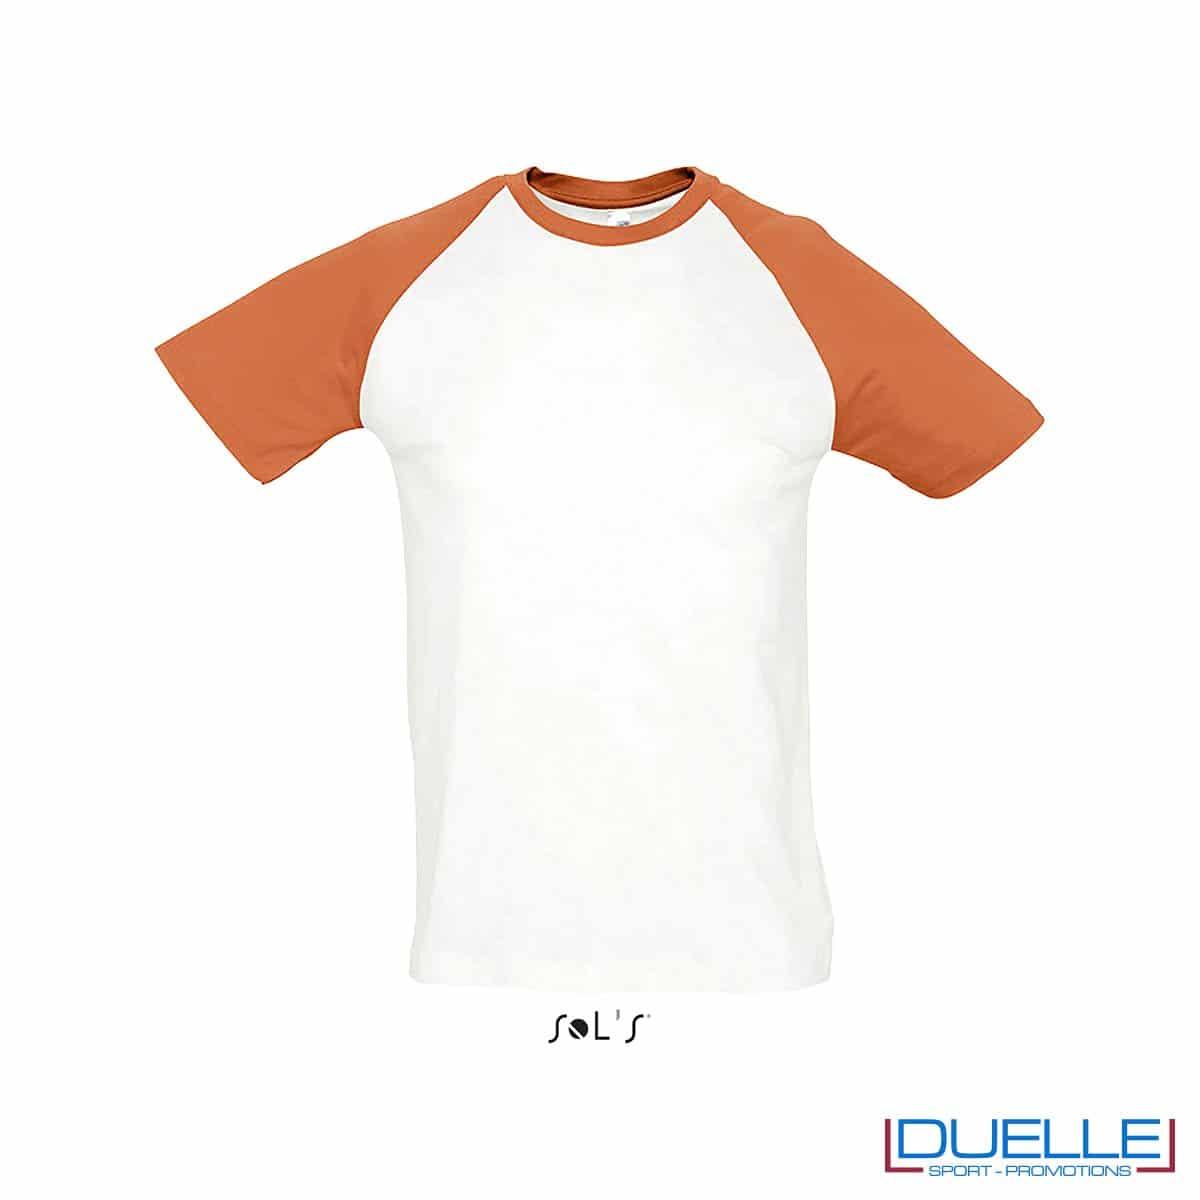 t-shirt personalizzata sportiva bicolore in colore arancione e bianco, abbigliamento sportivo personalizzato